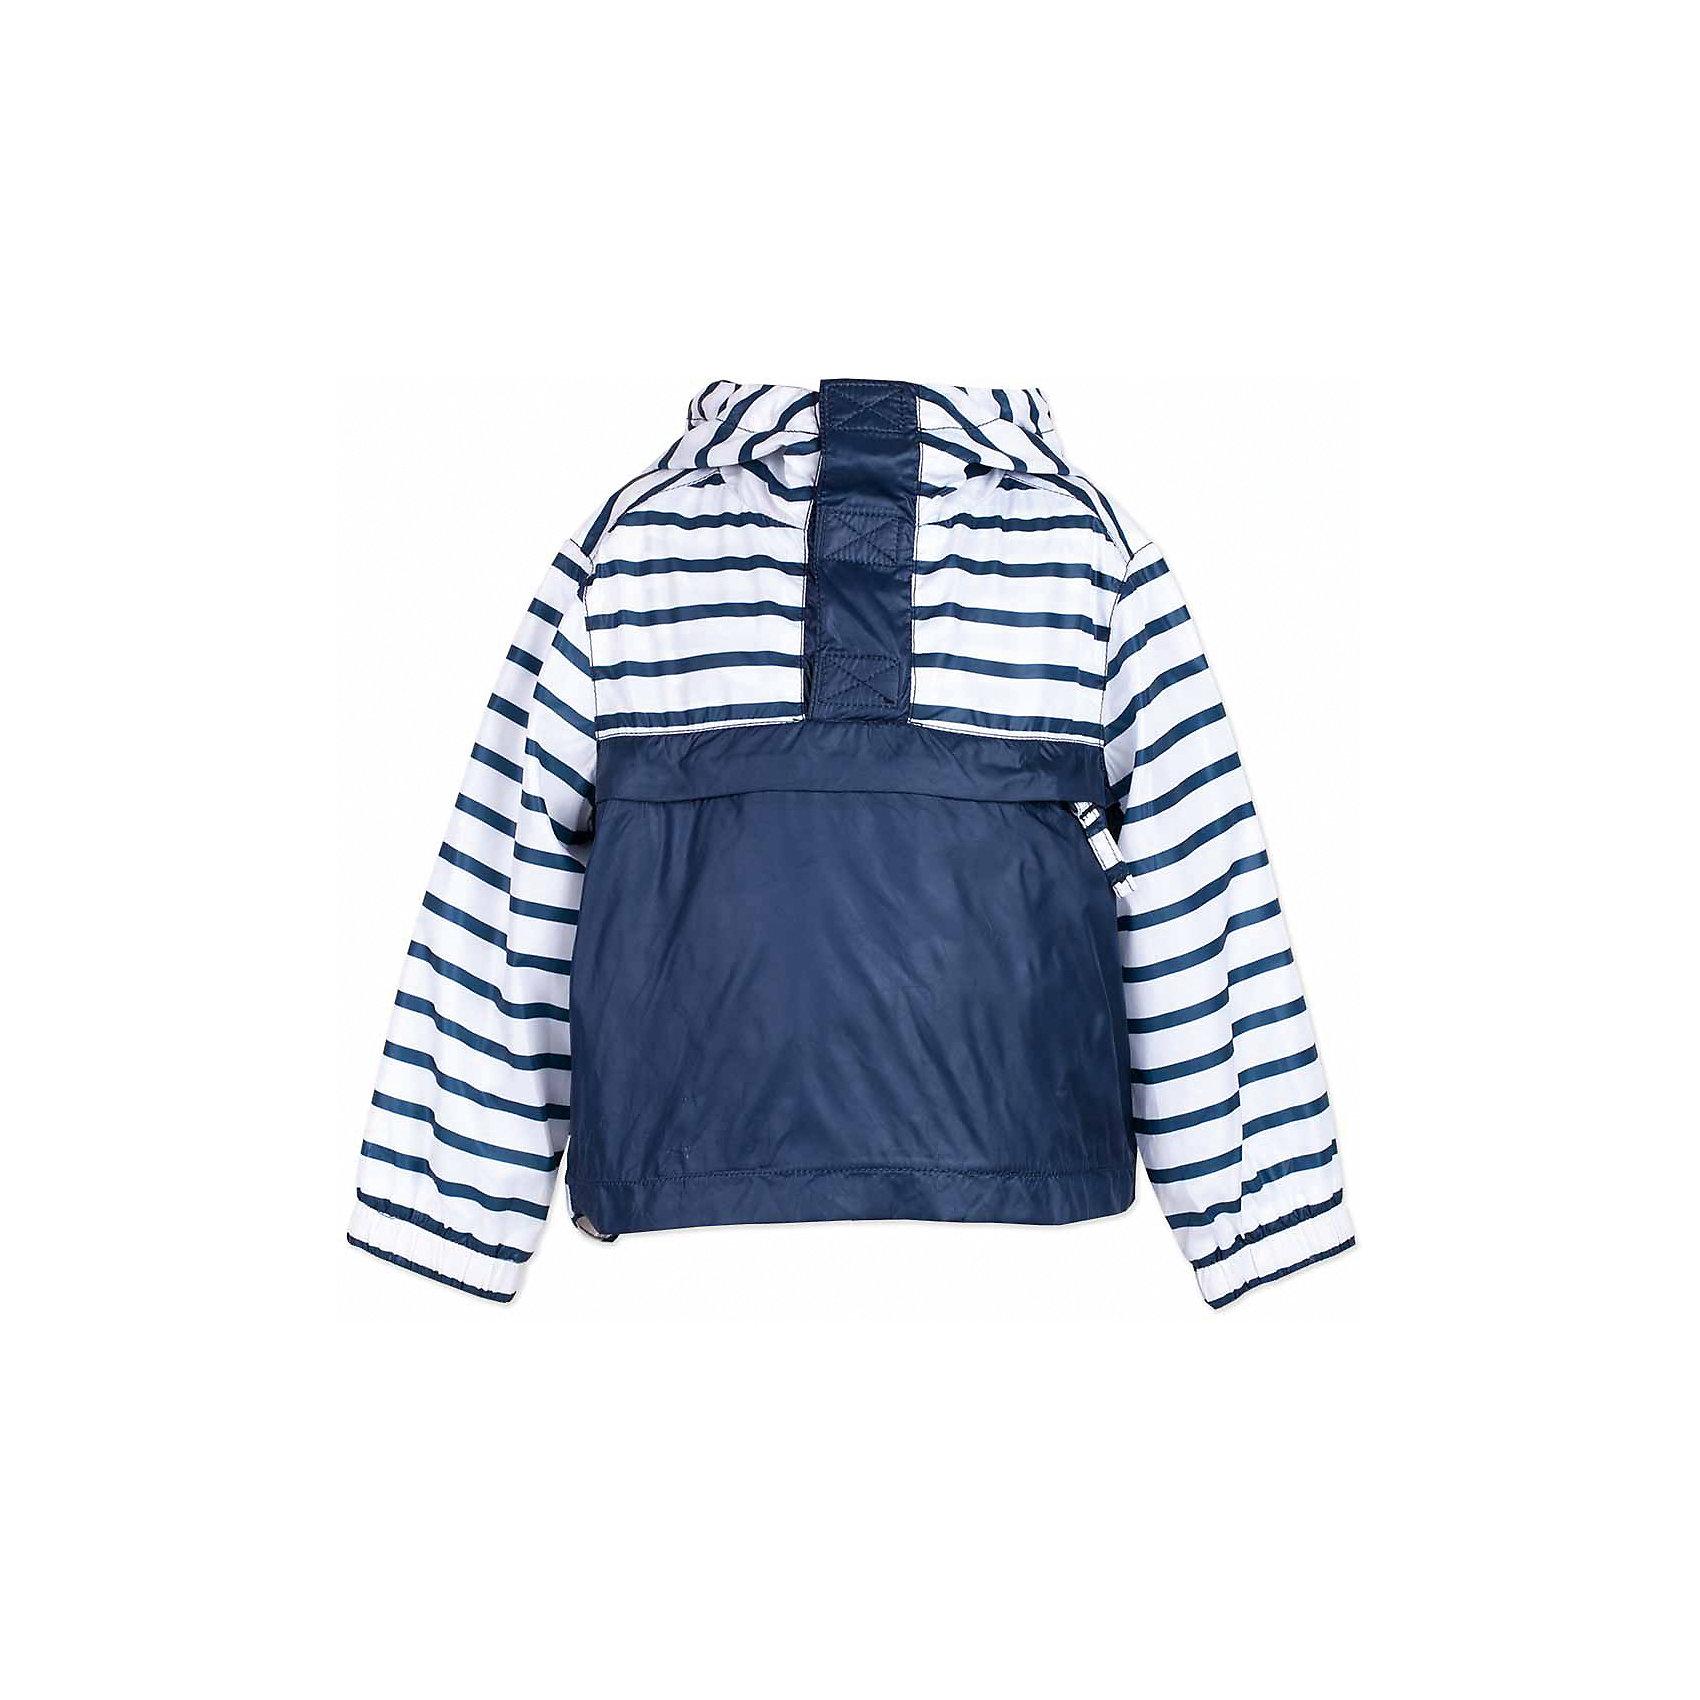 Куртка для мальчика  BUTTON BLUEВерхняя одежда<br>Куртка для мальчика  BUTTON BLUE<br>Яркая ветровка - прекрасное решение для летней прохлады. Модная форма, динамичная комбинация глади и полоски, продуманные детали подарят отличное настроение. Капюшон надежно защитит от дождя и ветра. Хлопковая трикотажная подкладка создаст уют. Если вы решили купить стильную ветровку для мальчика недорого, но хотите быть уверены в ее комфорте, качестве, высоких потребительских свойствах, полосатая ветровка Button Blue - то, что нужно!<br>Состав:<br>Ткань  верха: 100% полиэстер, подклад: 100% хлопок/ 100% полиэстер<br><br>Ширина мм: 356<br>Глубина мм: 10<br>Высота мм: 245<br>Вес г: 519<br>Цвет: разноцветный<br>Возраст от месяцев: 144<br>Возраст до месяцев: 156<br>Пол: Мужской<br>Возраст: Детский<br>Размер: 128,152,98,158,104,110,116,122<br>SKU: 5524533